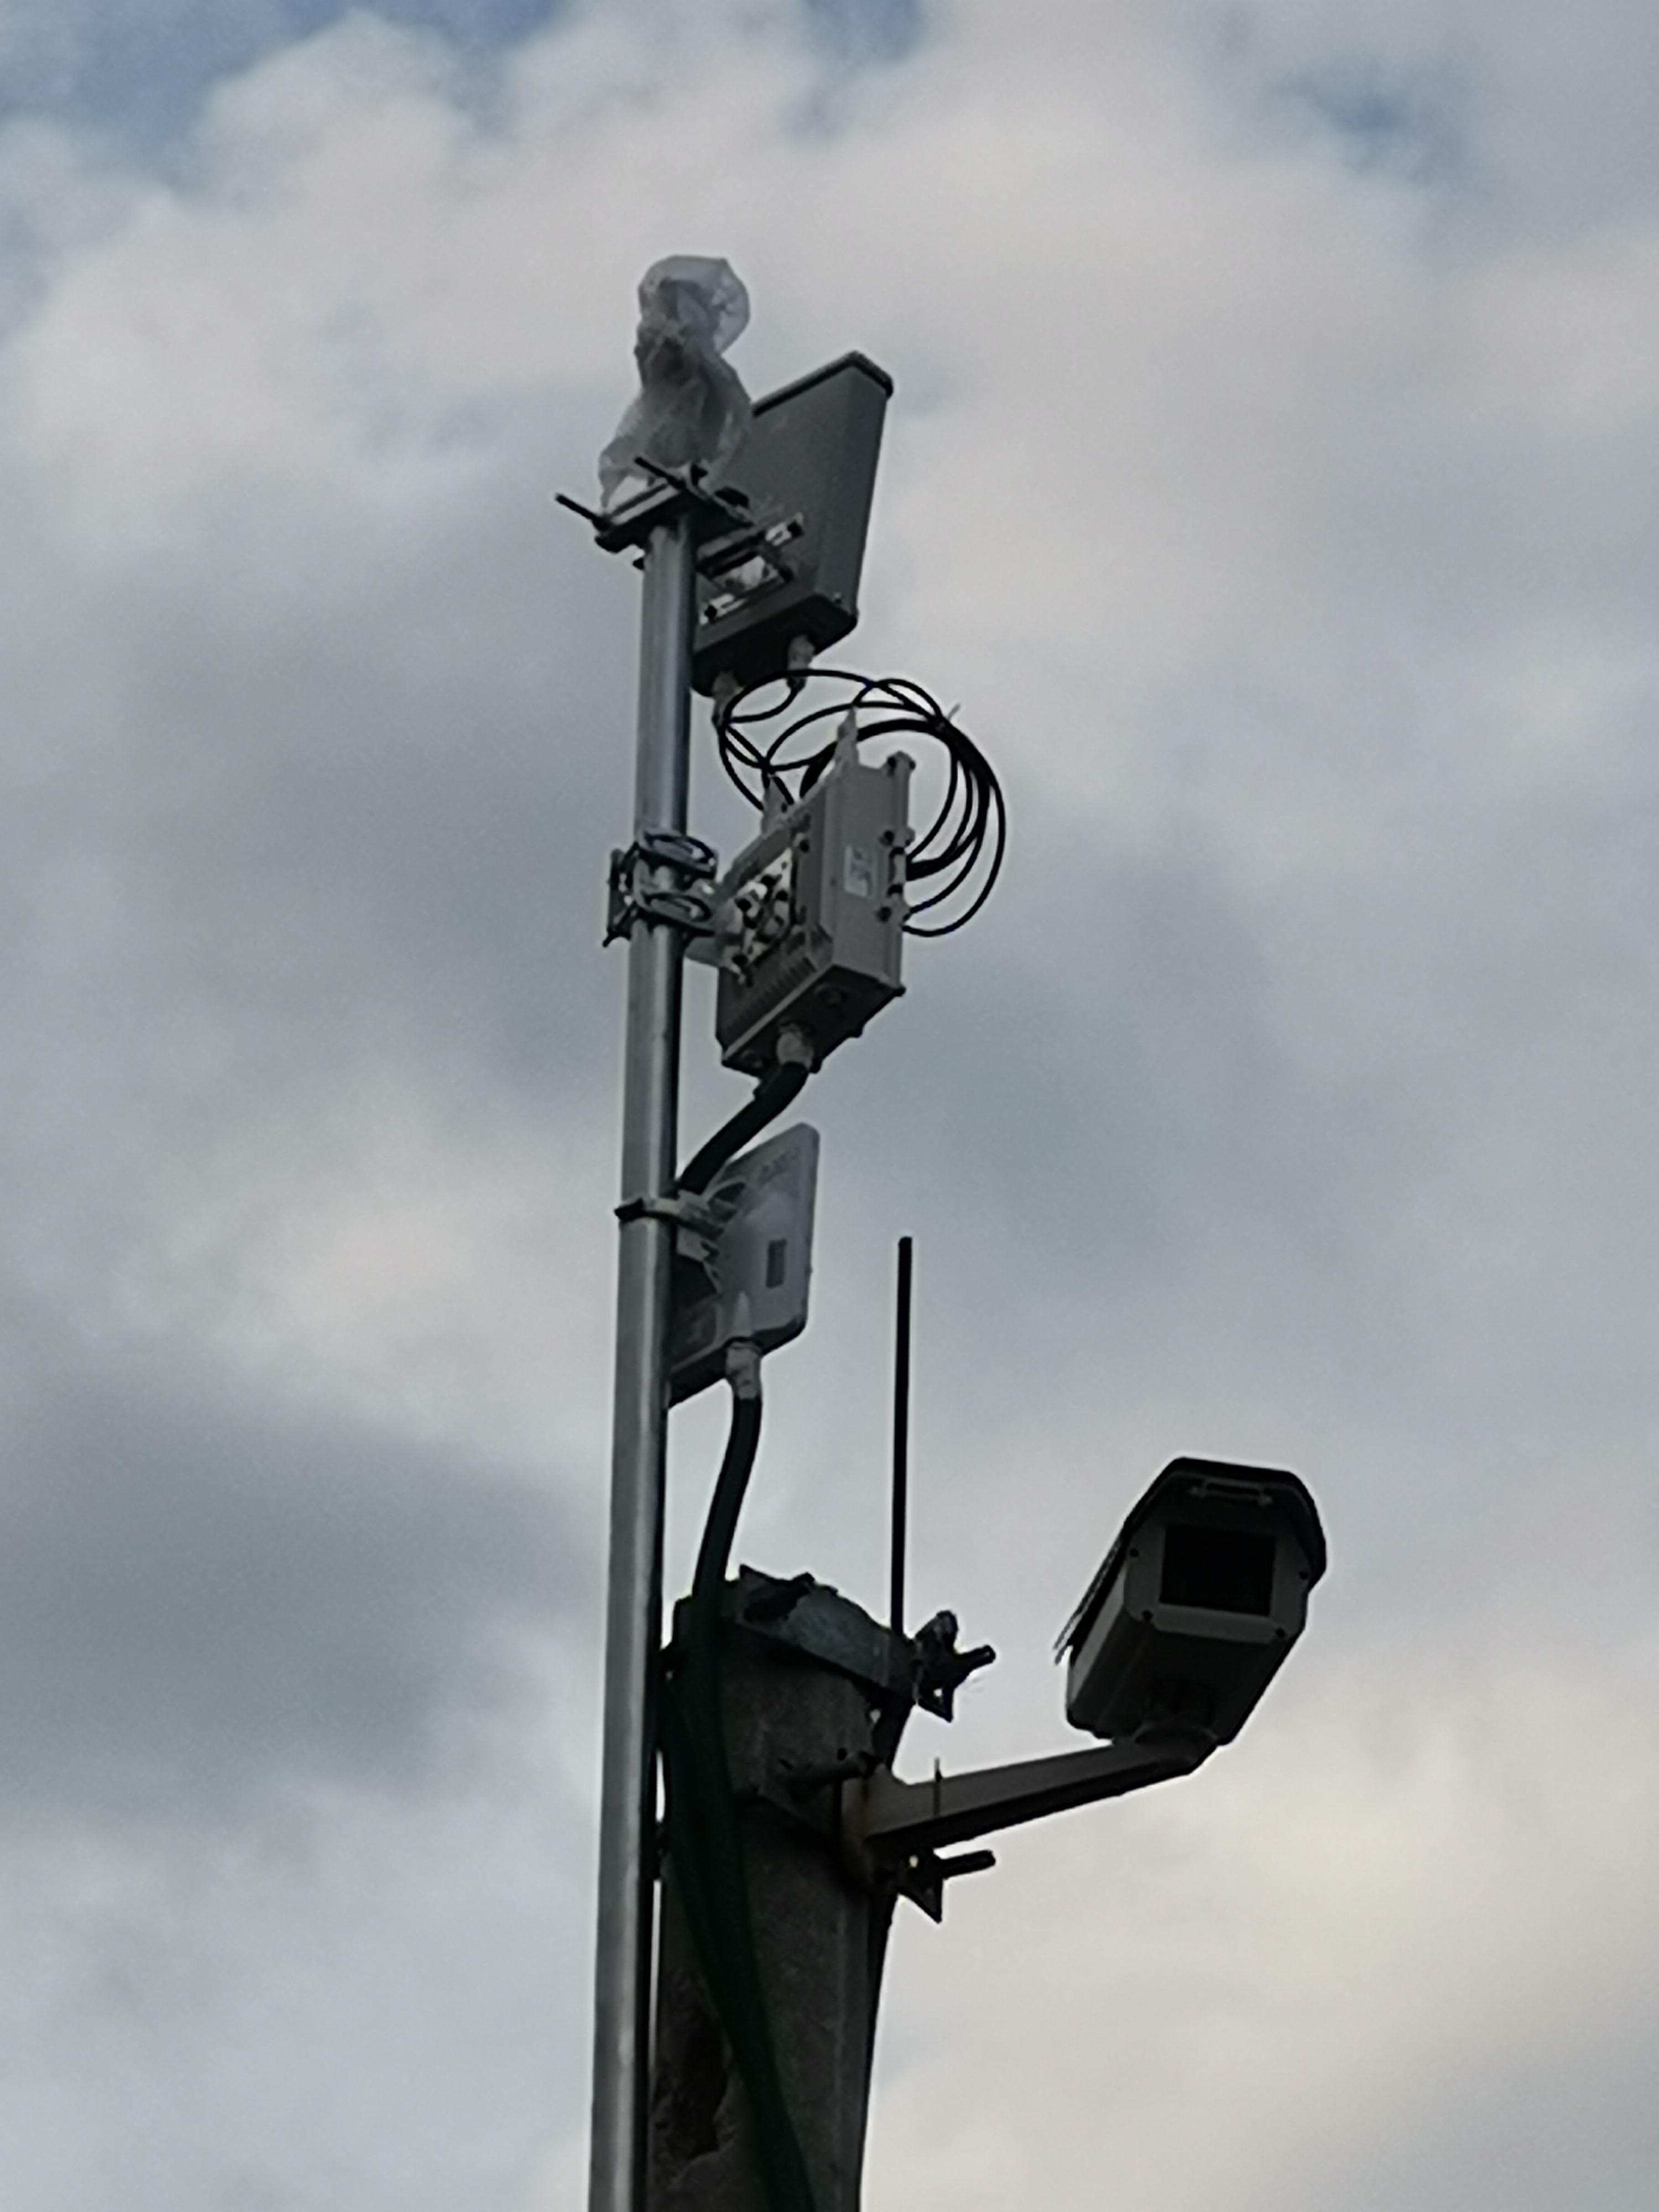 铁路机车作业视频监控无线漫游传输